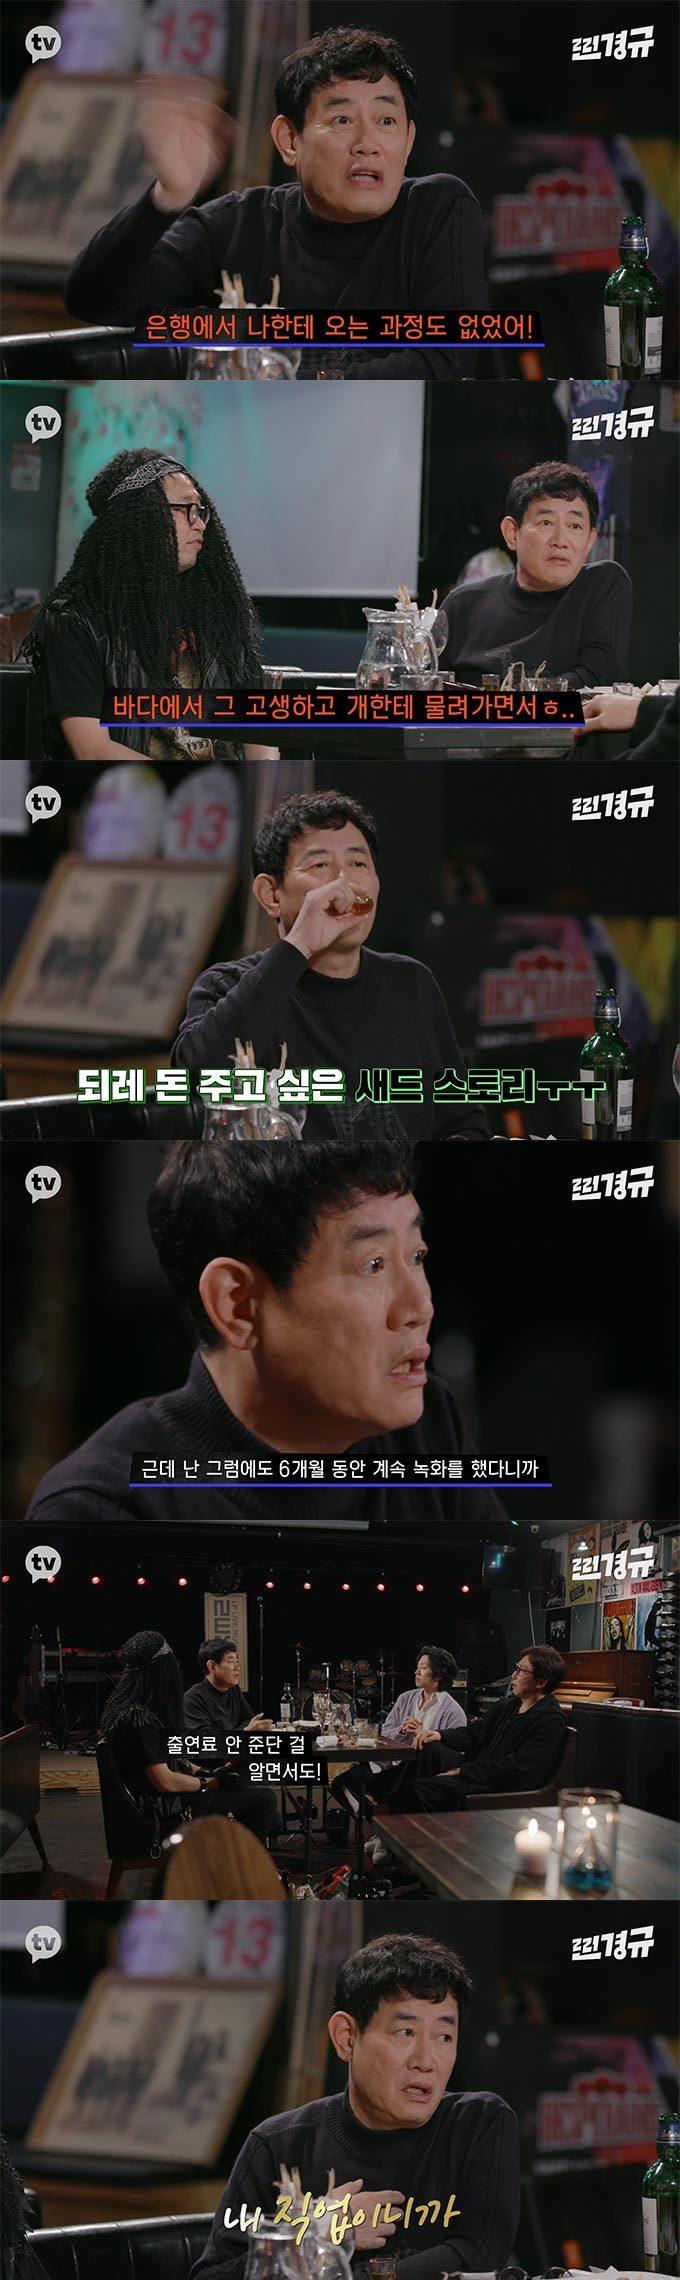 /사진=카카오TV '찐경규' 방송 화면 캡처